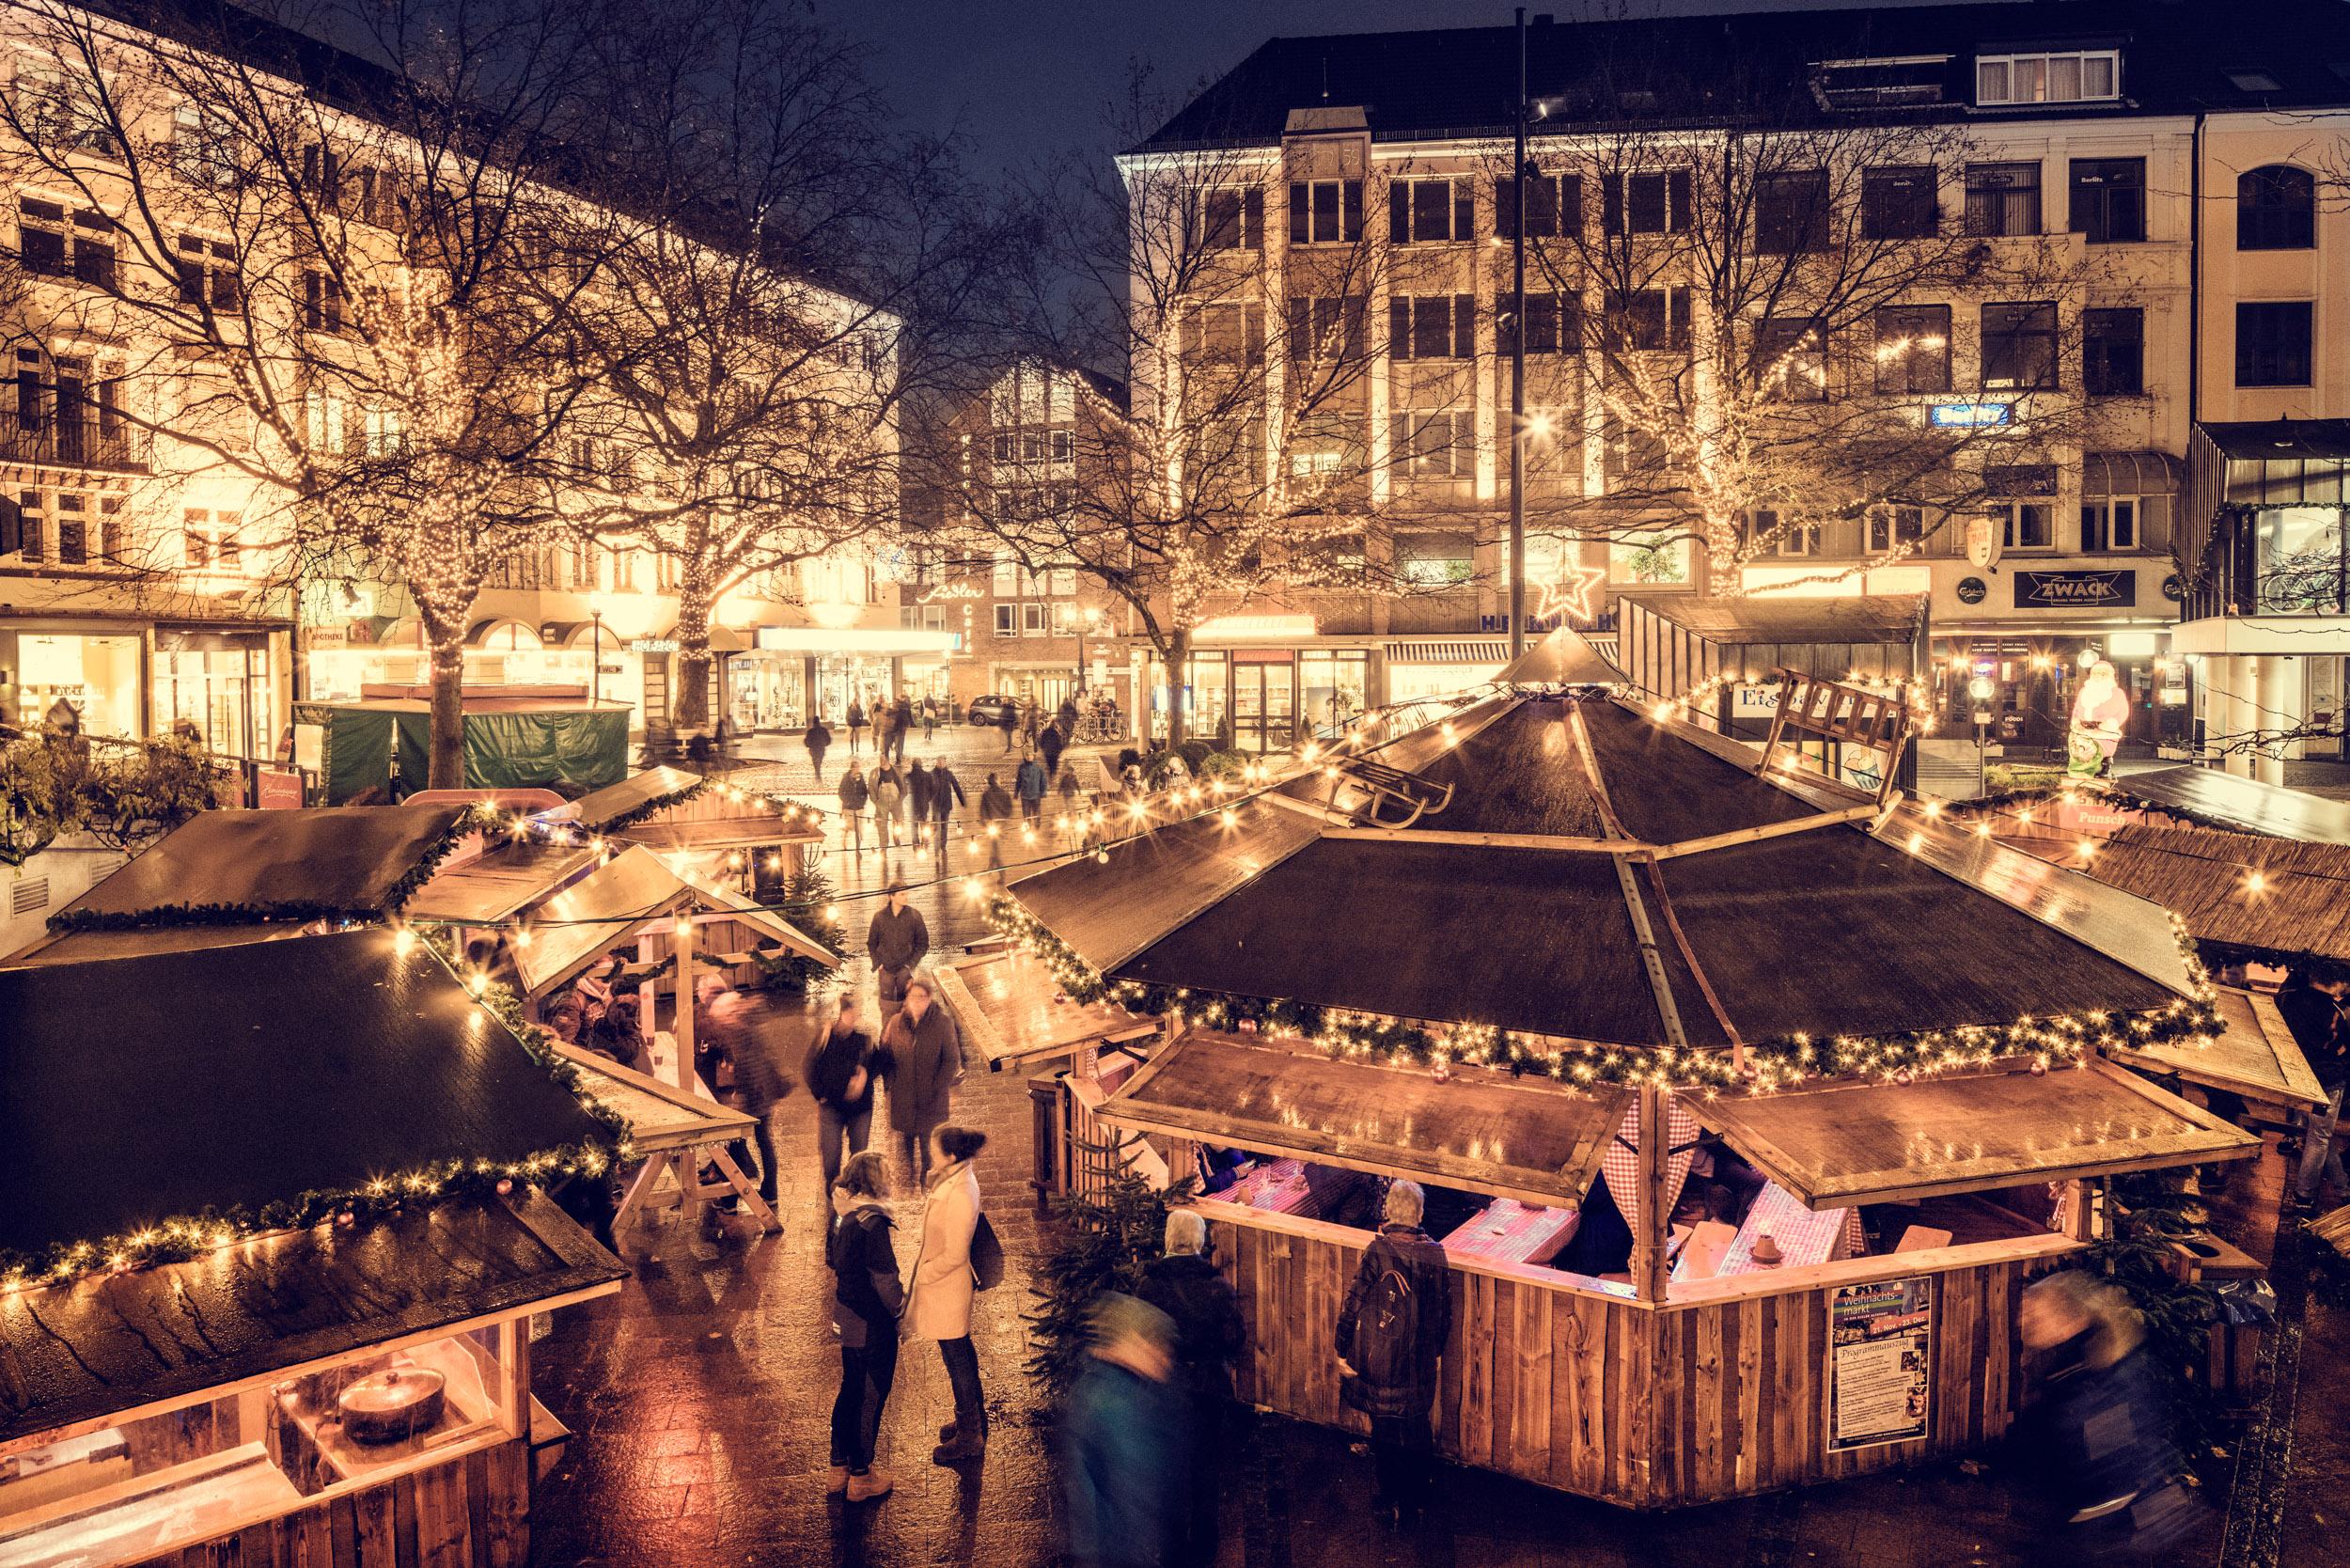 Die schönsten Weihnachtsmärkte in Schleswig-Holstein: Kiel